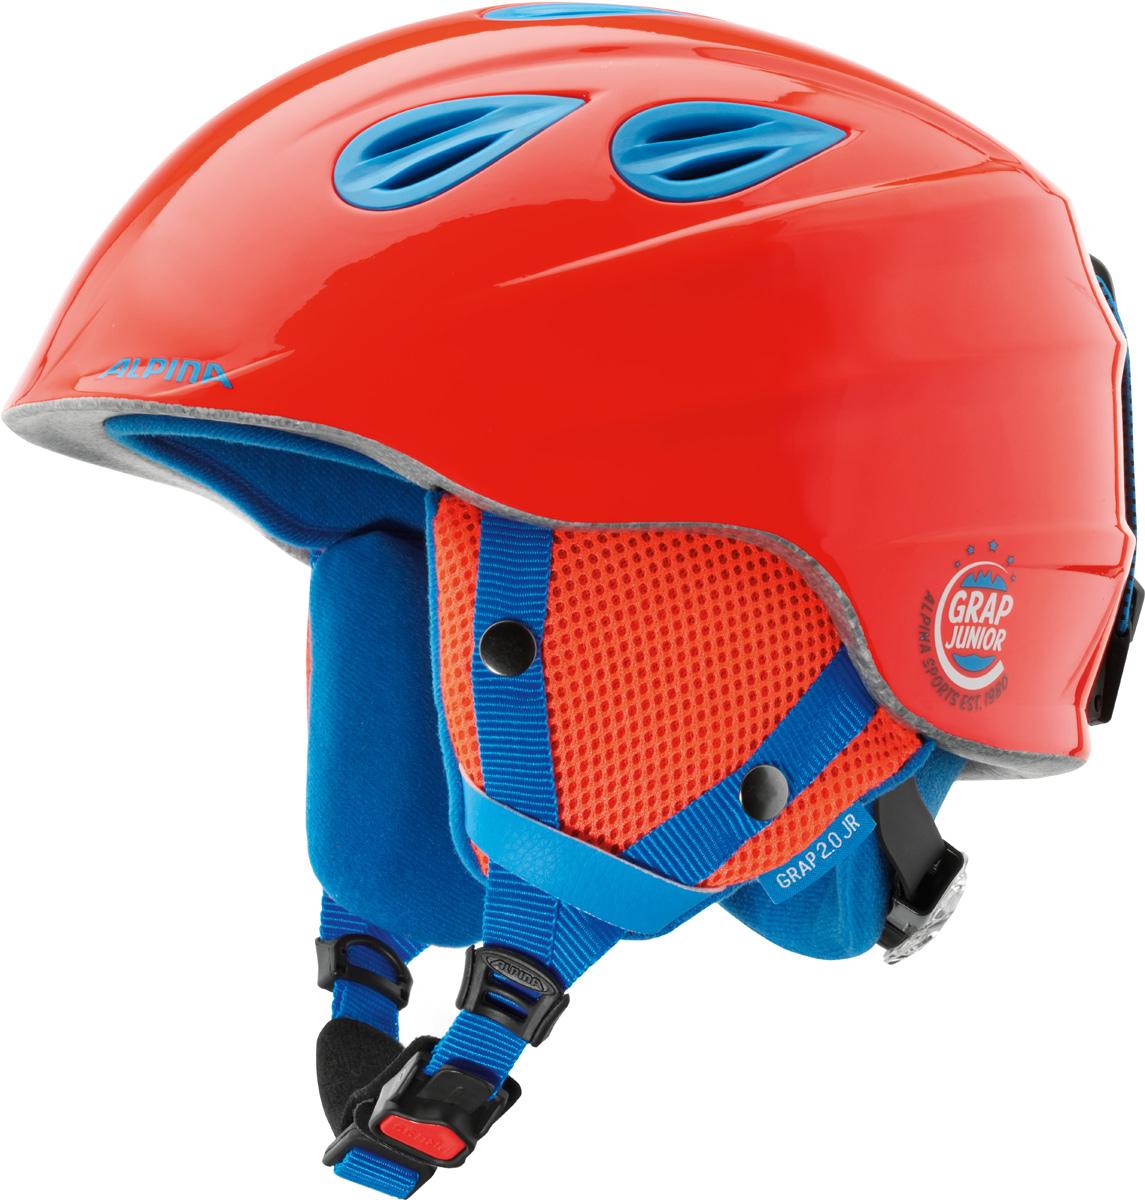 Шлем горнолыжный Alpina GRAP 2.0 JR neon-red. Размер 54-57